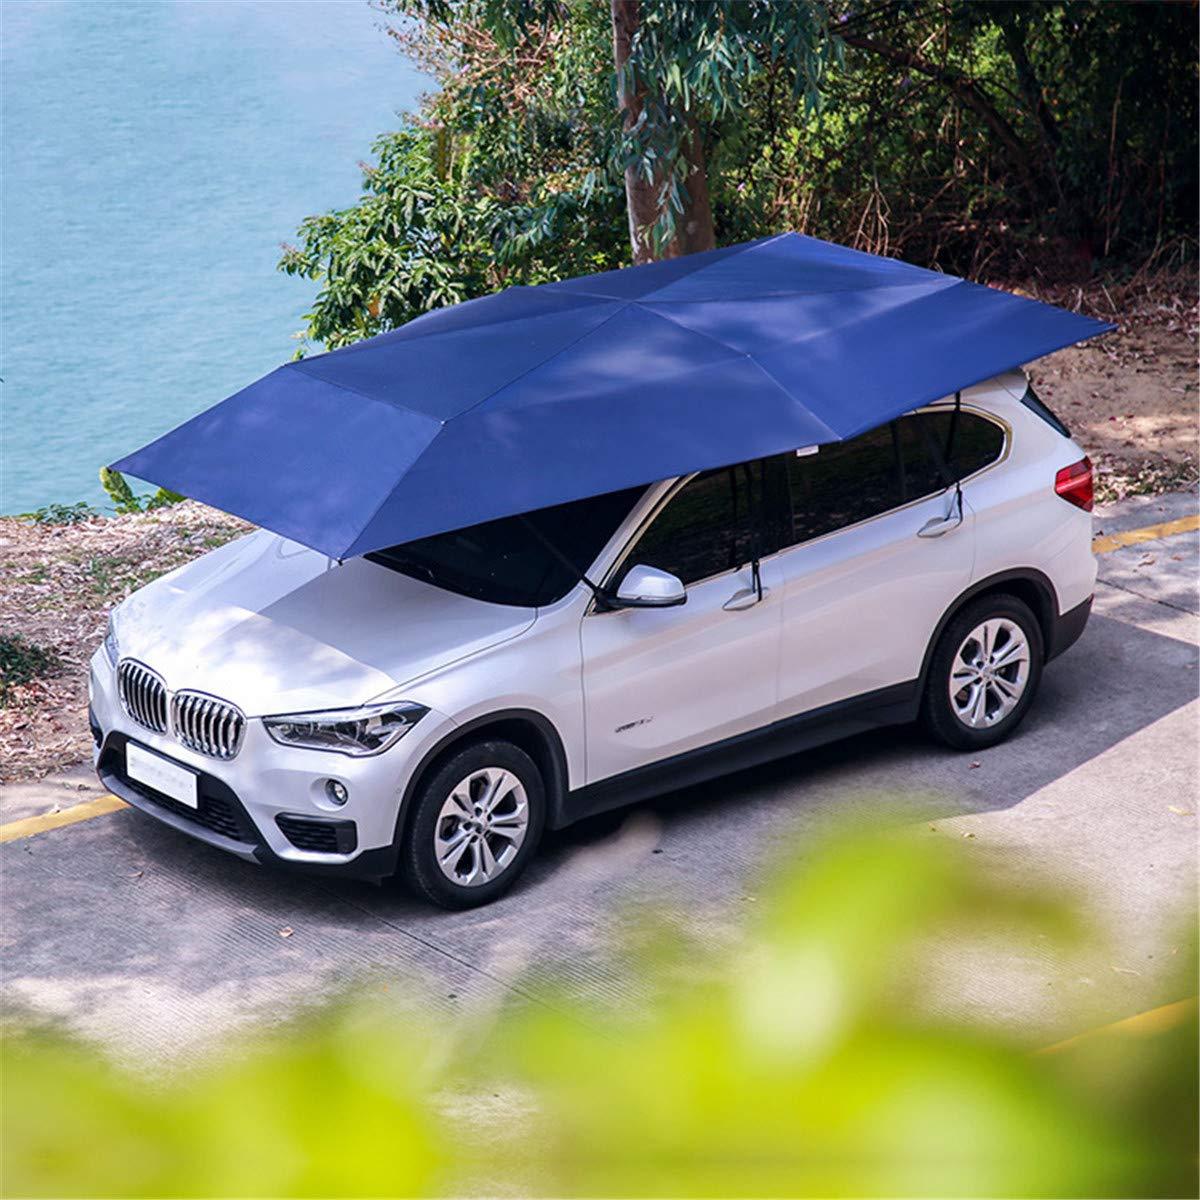 CFJJOAT 車のカバー自動カバー、スマートモバイルガレージ屋根カバー車UV保護とレイントラック折りたたみ4.5 * 2.3 m 青